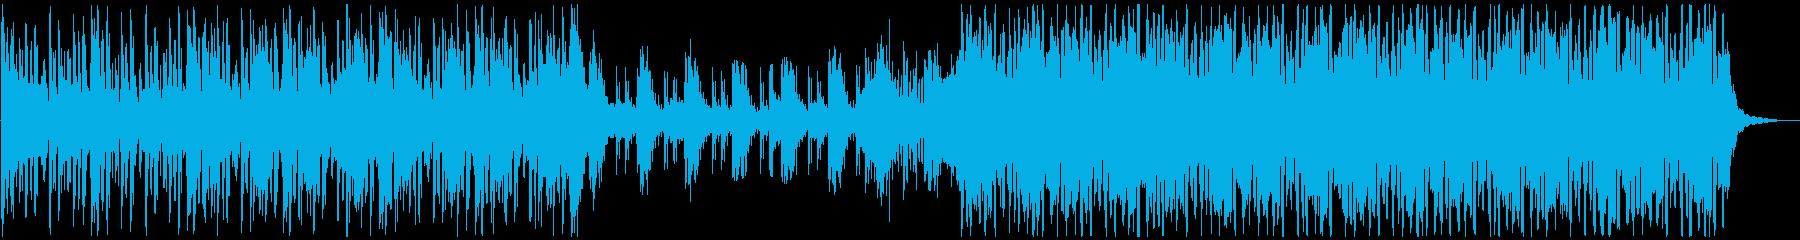 戦闘シーン、緊迫した場面に合うBGMの再生済みの波形